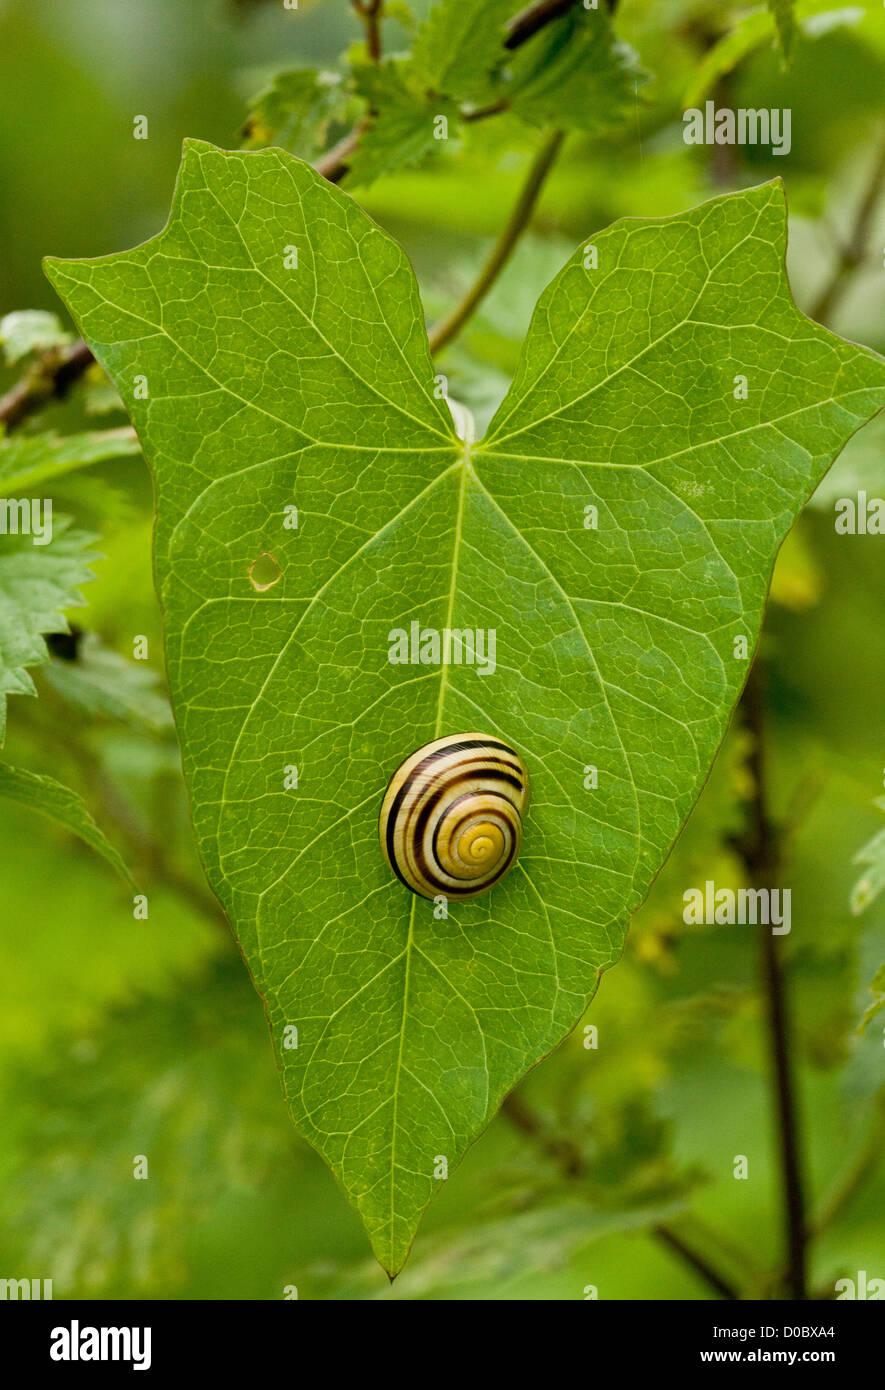 white-lipped snail (Cepaea hortensis) settled on leaf Stock Photo